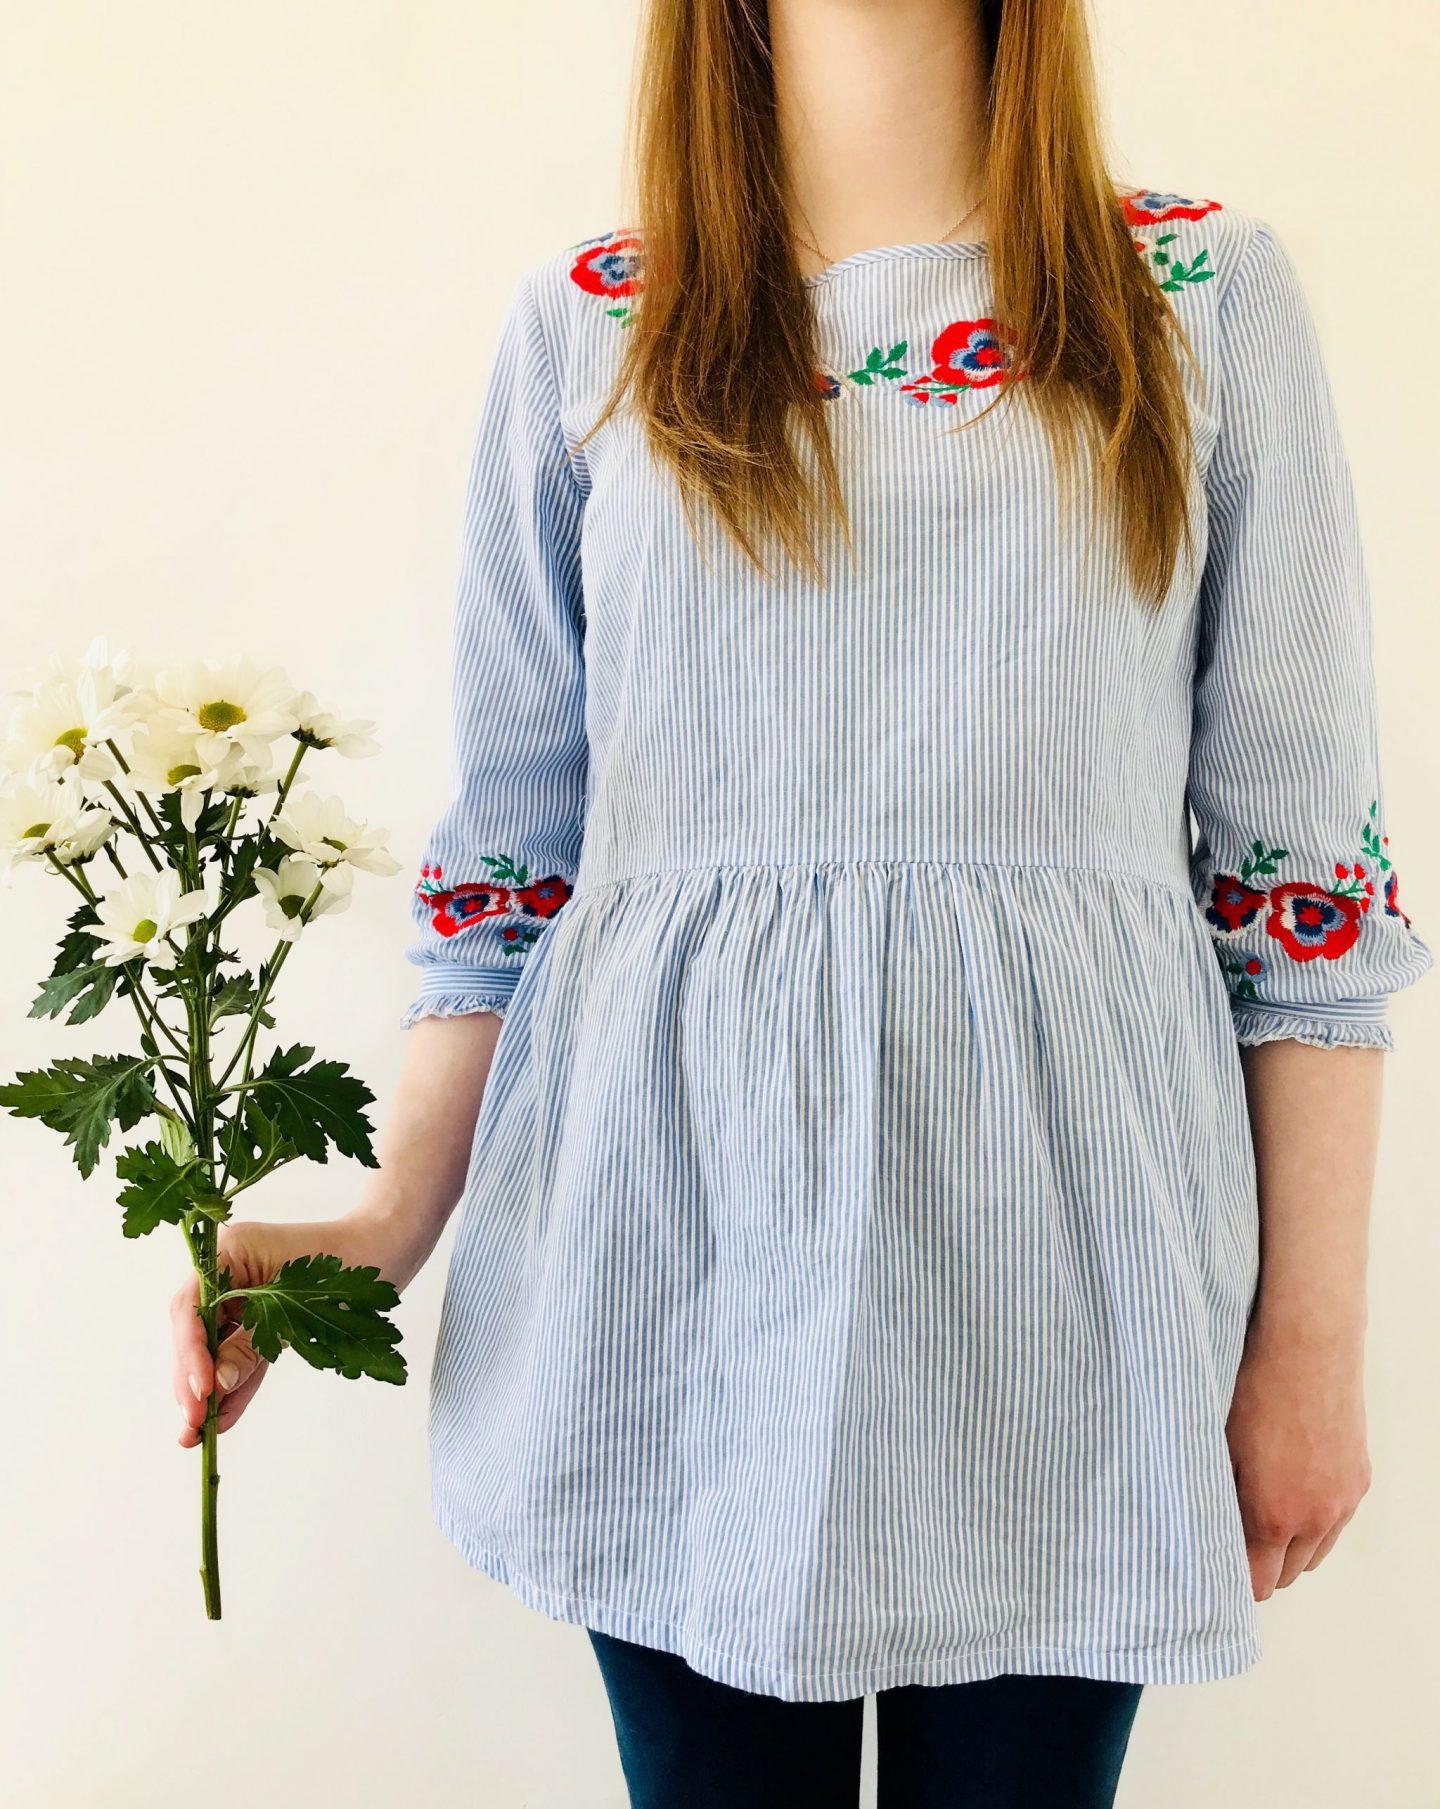 Spring summer maternity haul JoJo Maman Bébé Tiffany rose new look Topshop